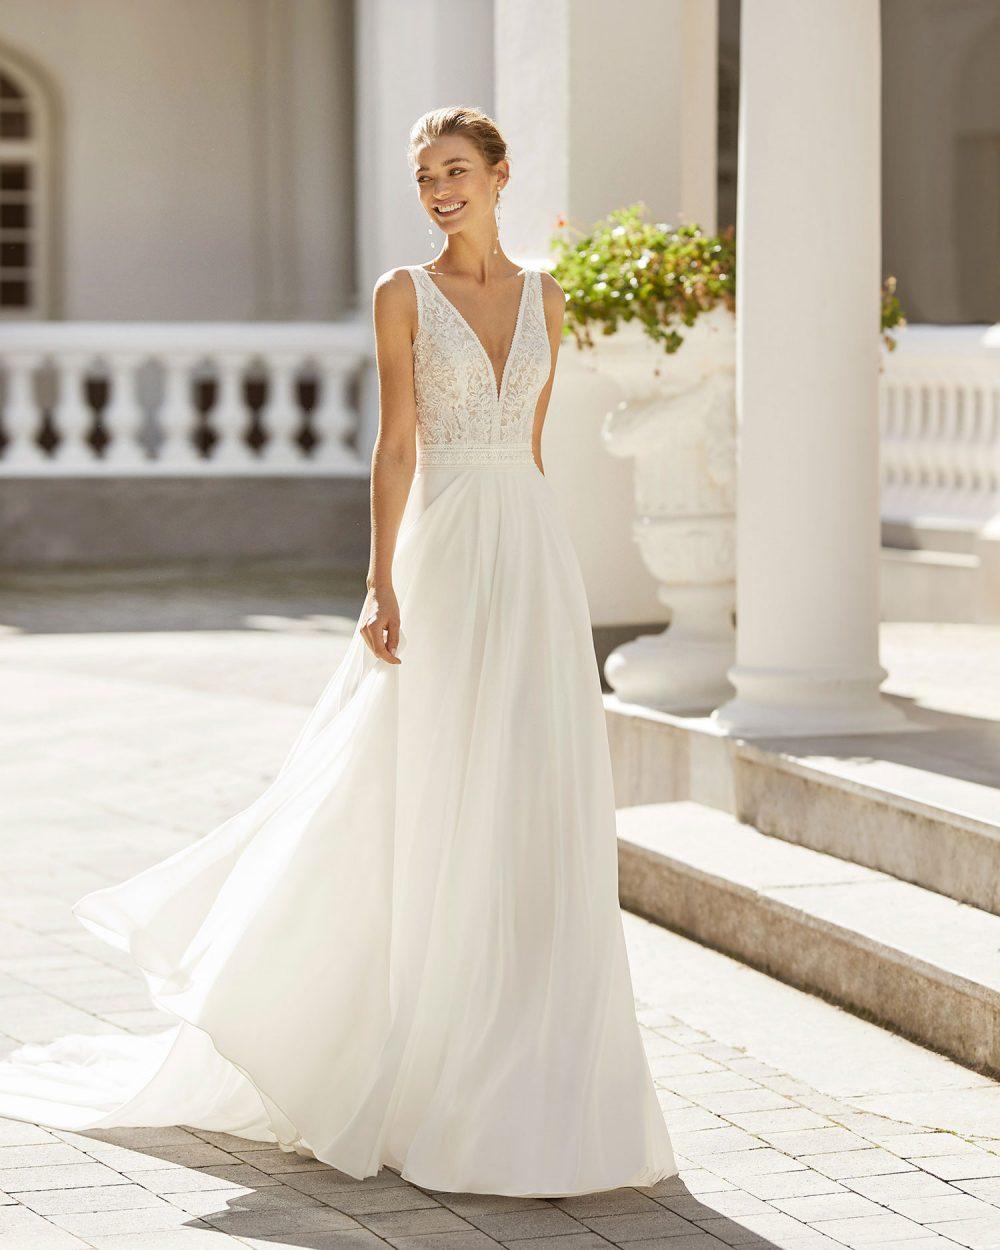 Rosa Clarà 2022 abito vestito sposa Vicenza SAIGON